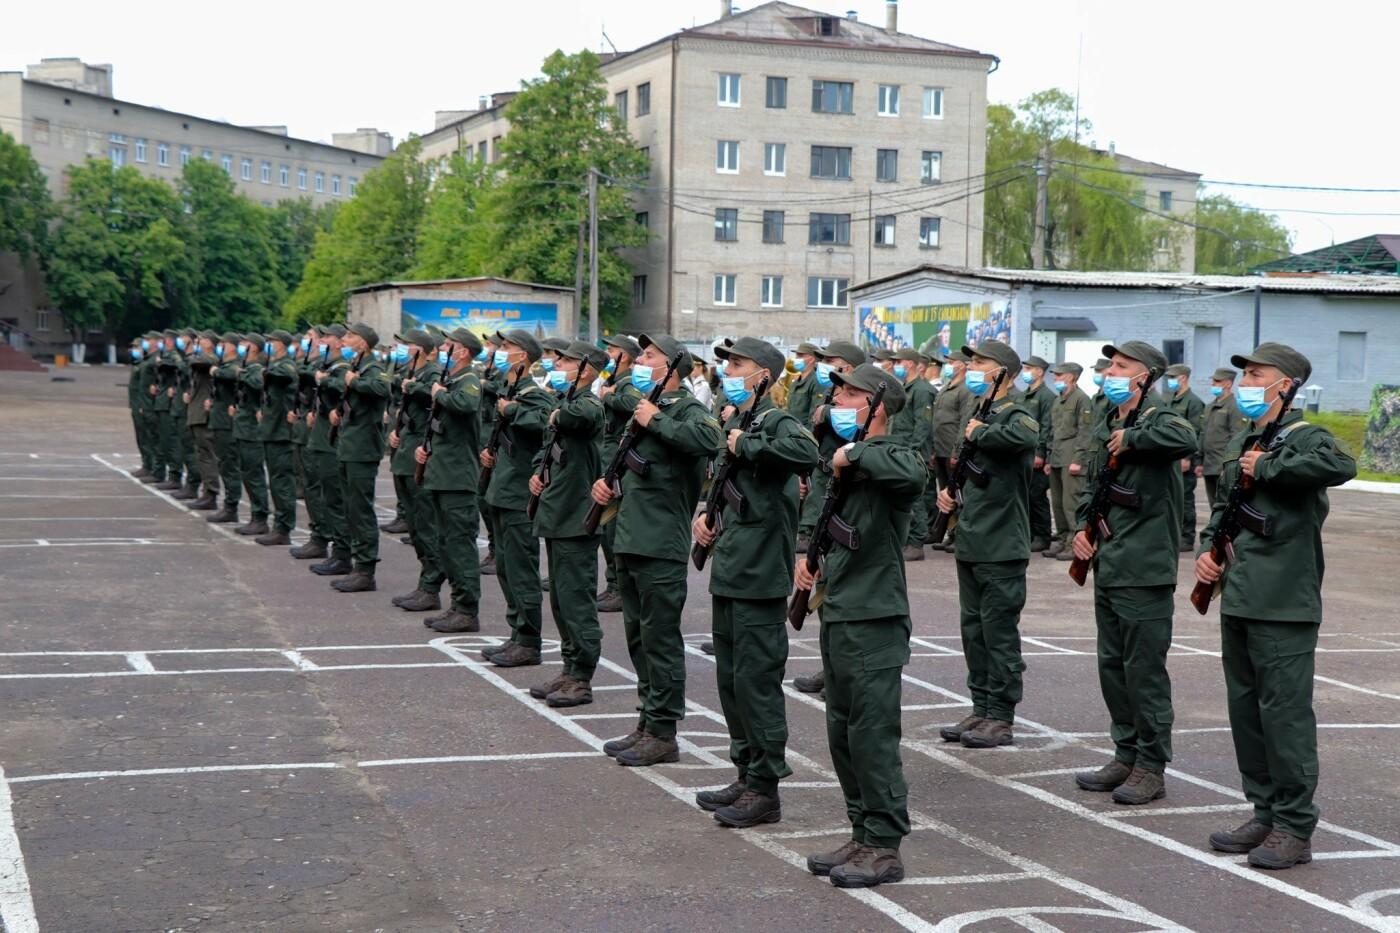 """Сьогодні у Слов'янську вітали батальйон """"Донбас"""" з річницею створення, фото-2"""